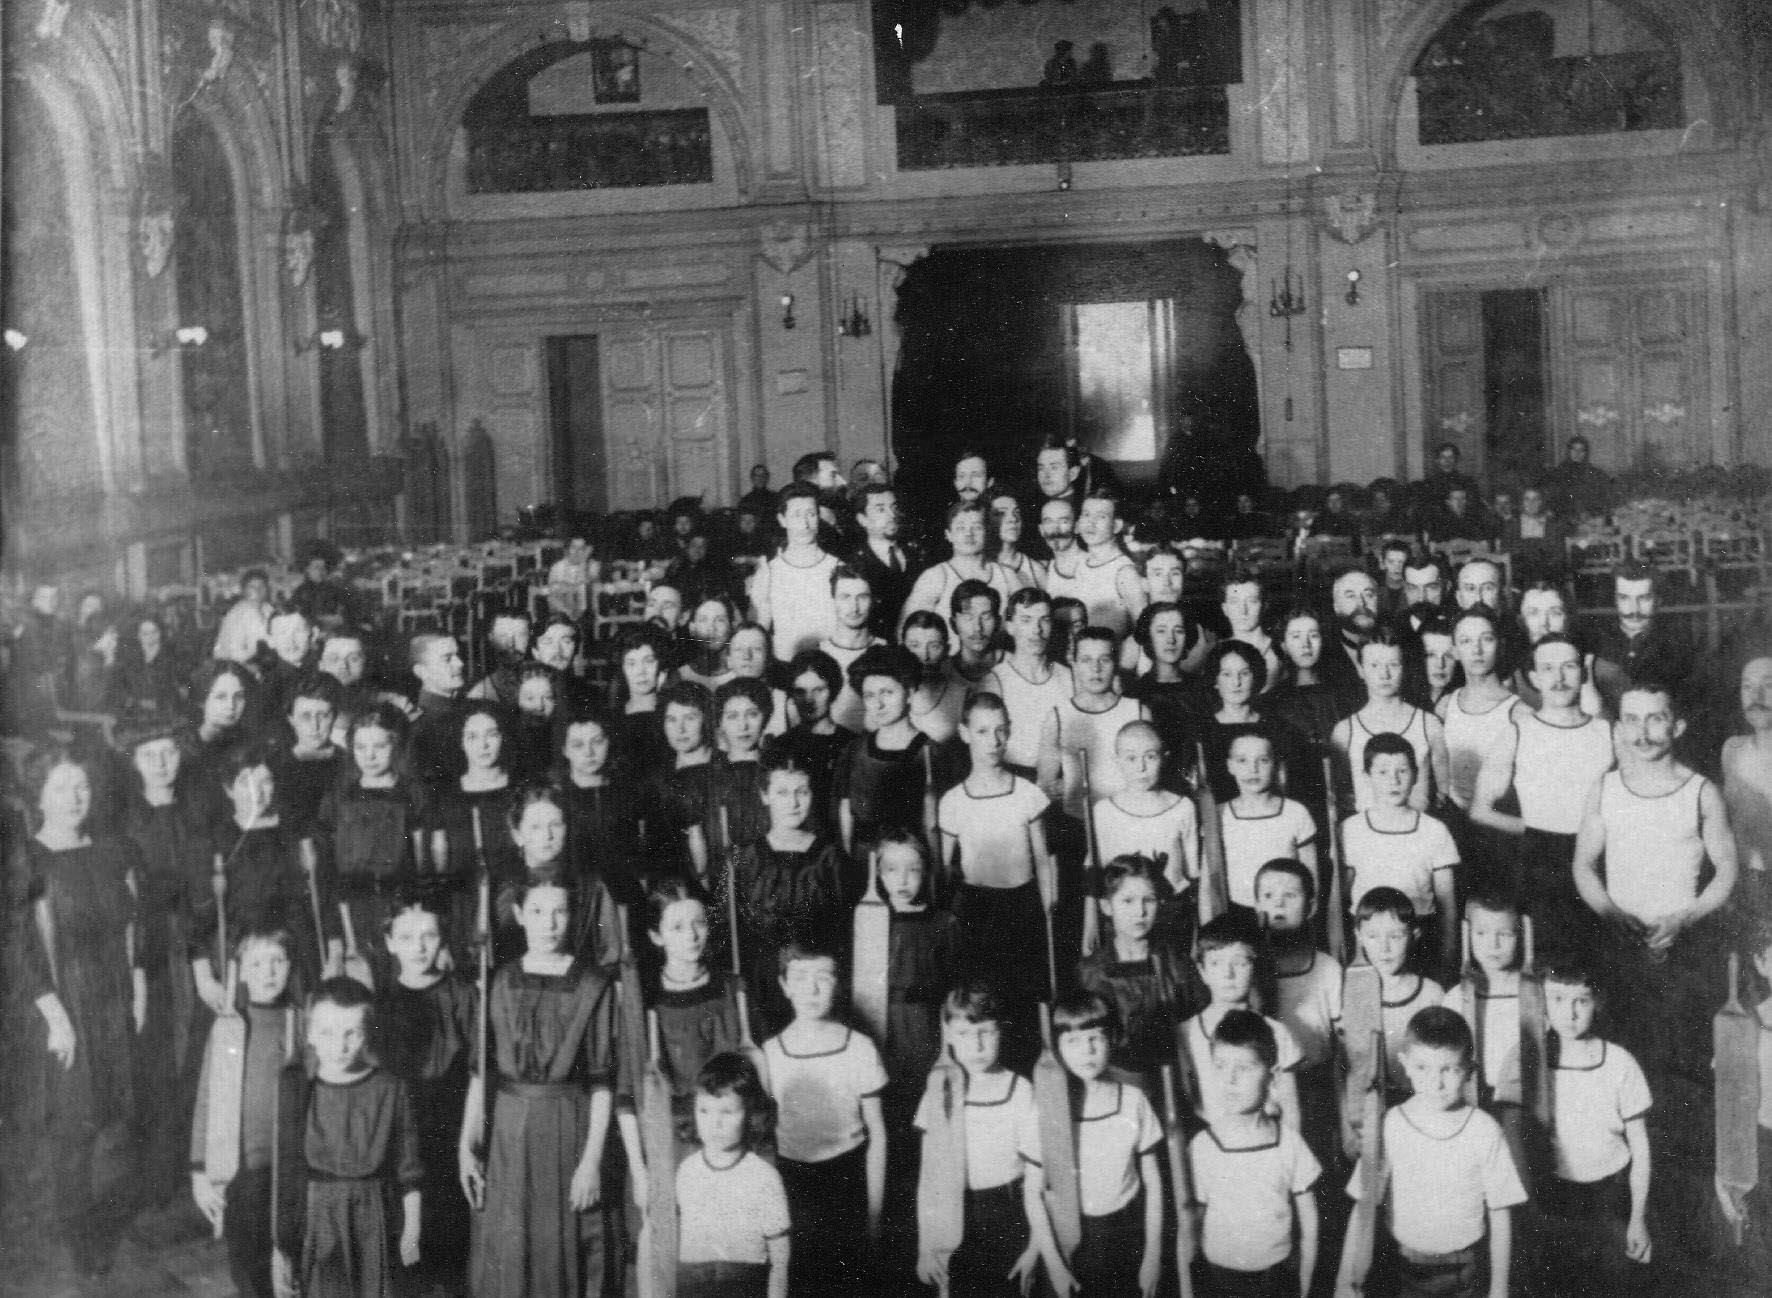 Члены спортивного общества Польский сокол в зале Павловой на празднике 30.01.1912